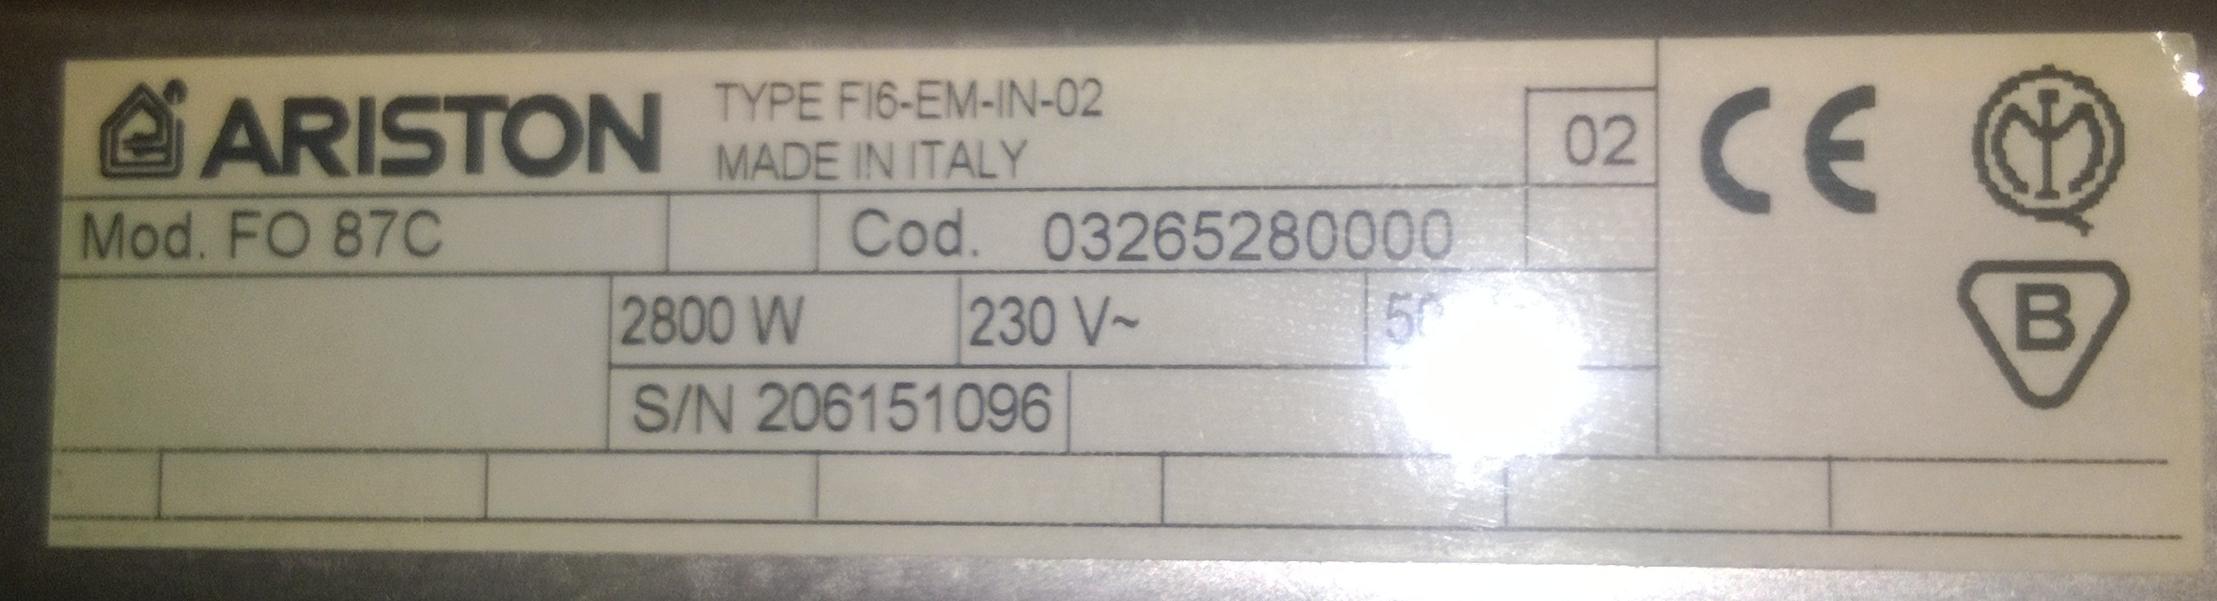 Ariston FO 87C - wymiana prze��cznika/selektora